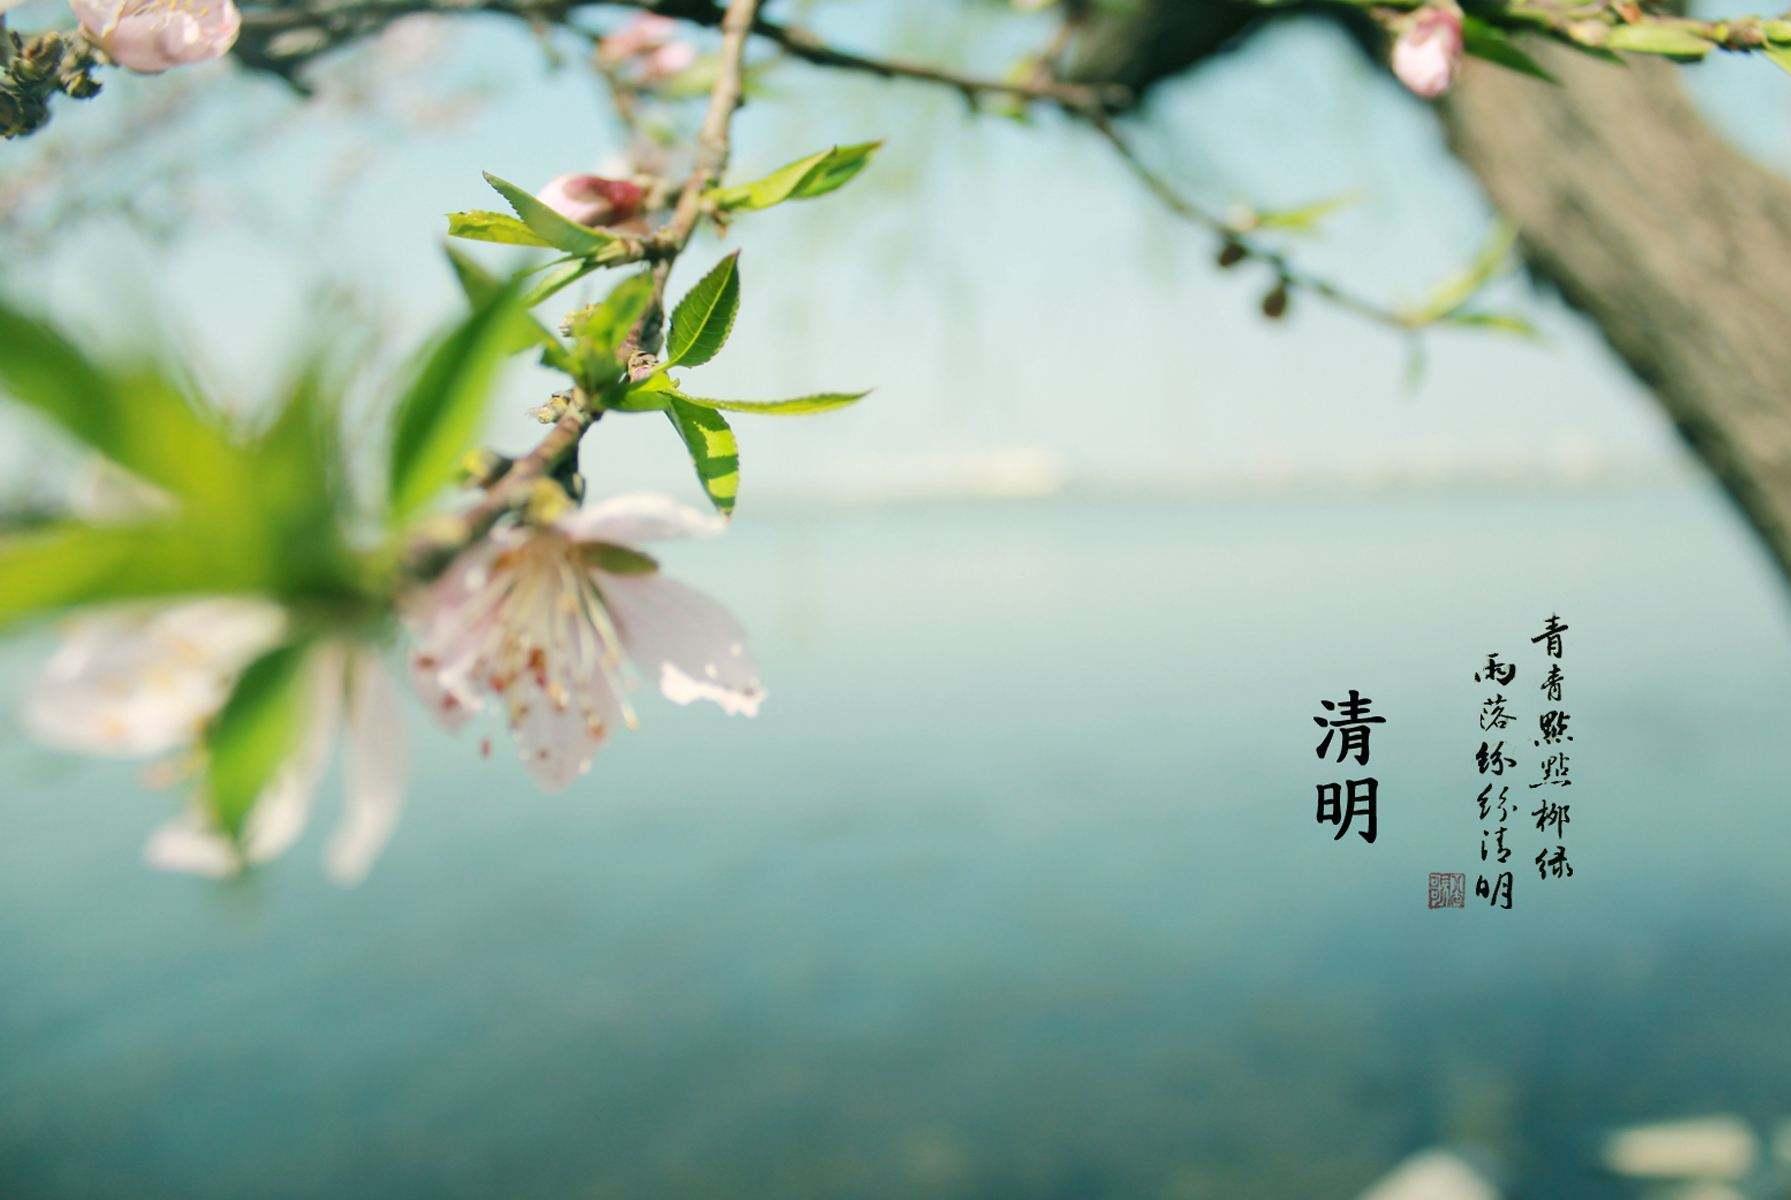 没有春天,远离故土,东南亚华人为何依然过清明节?答案很感人